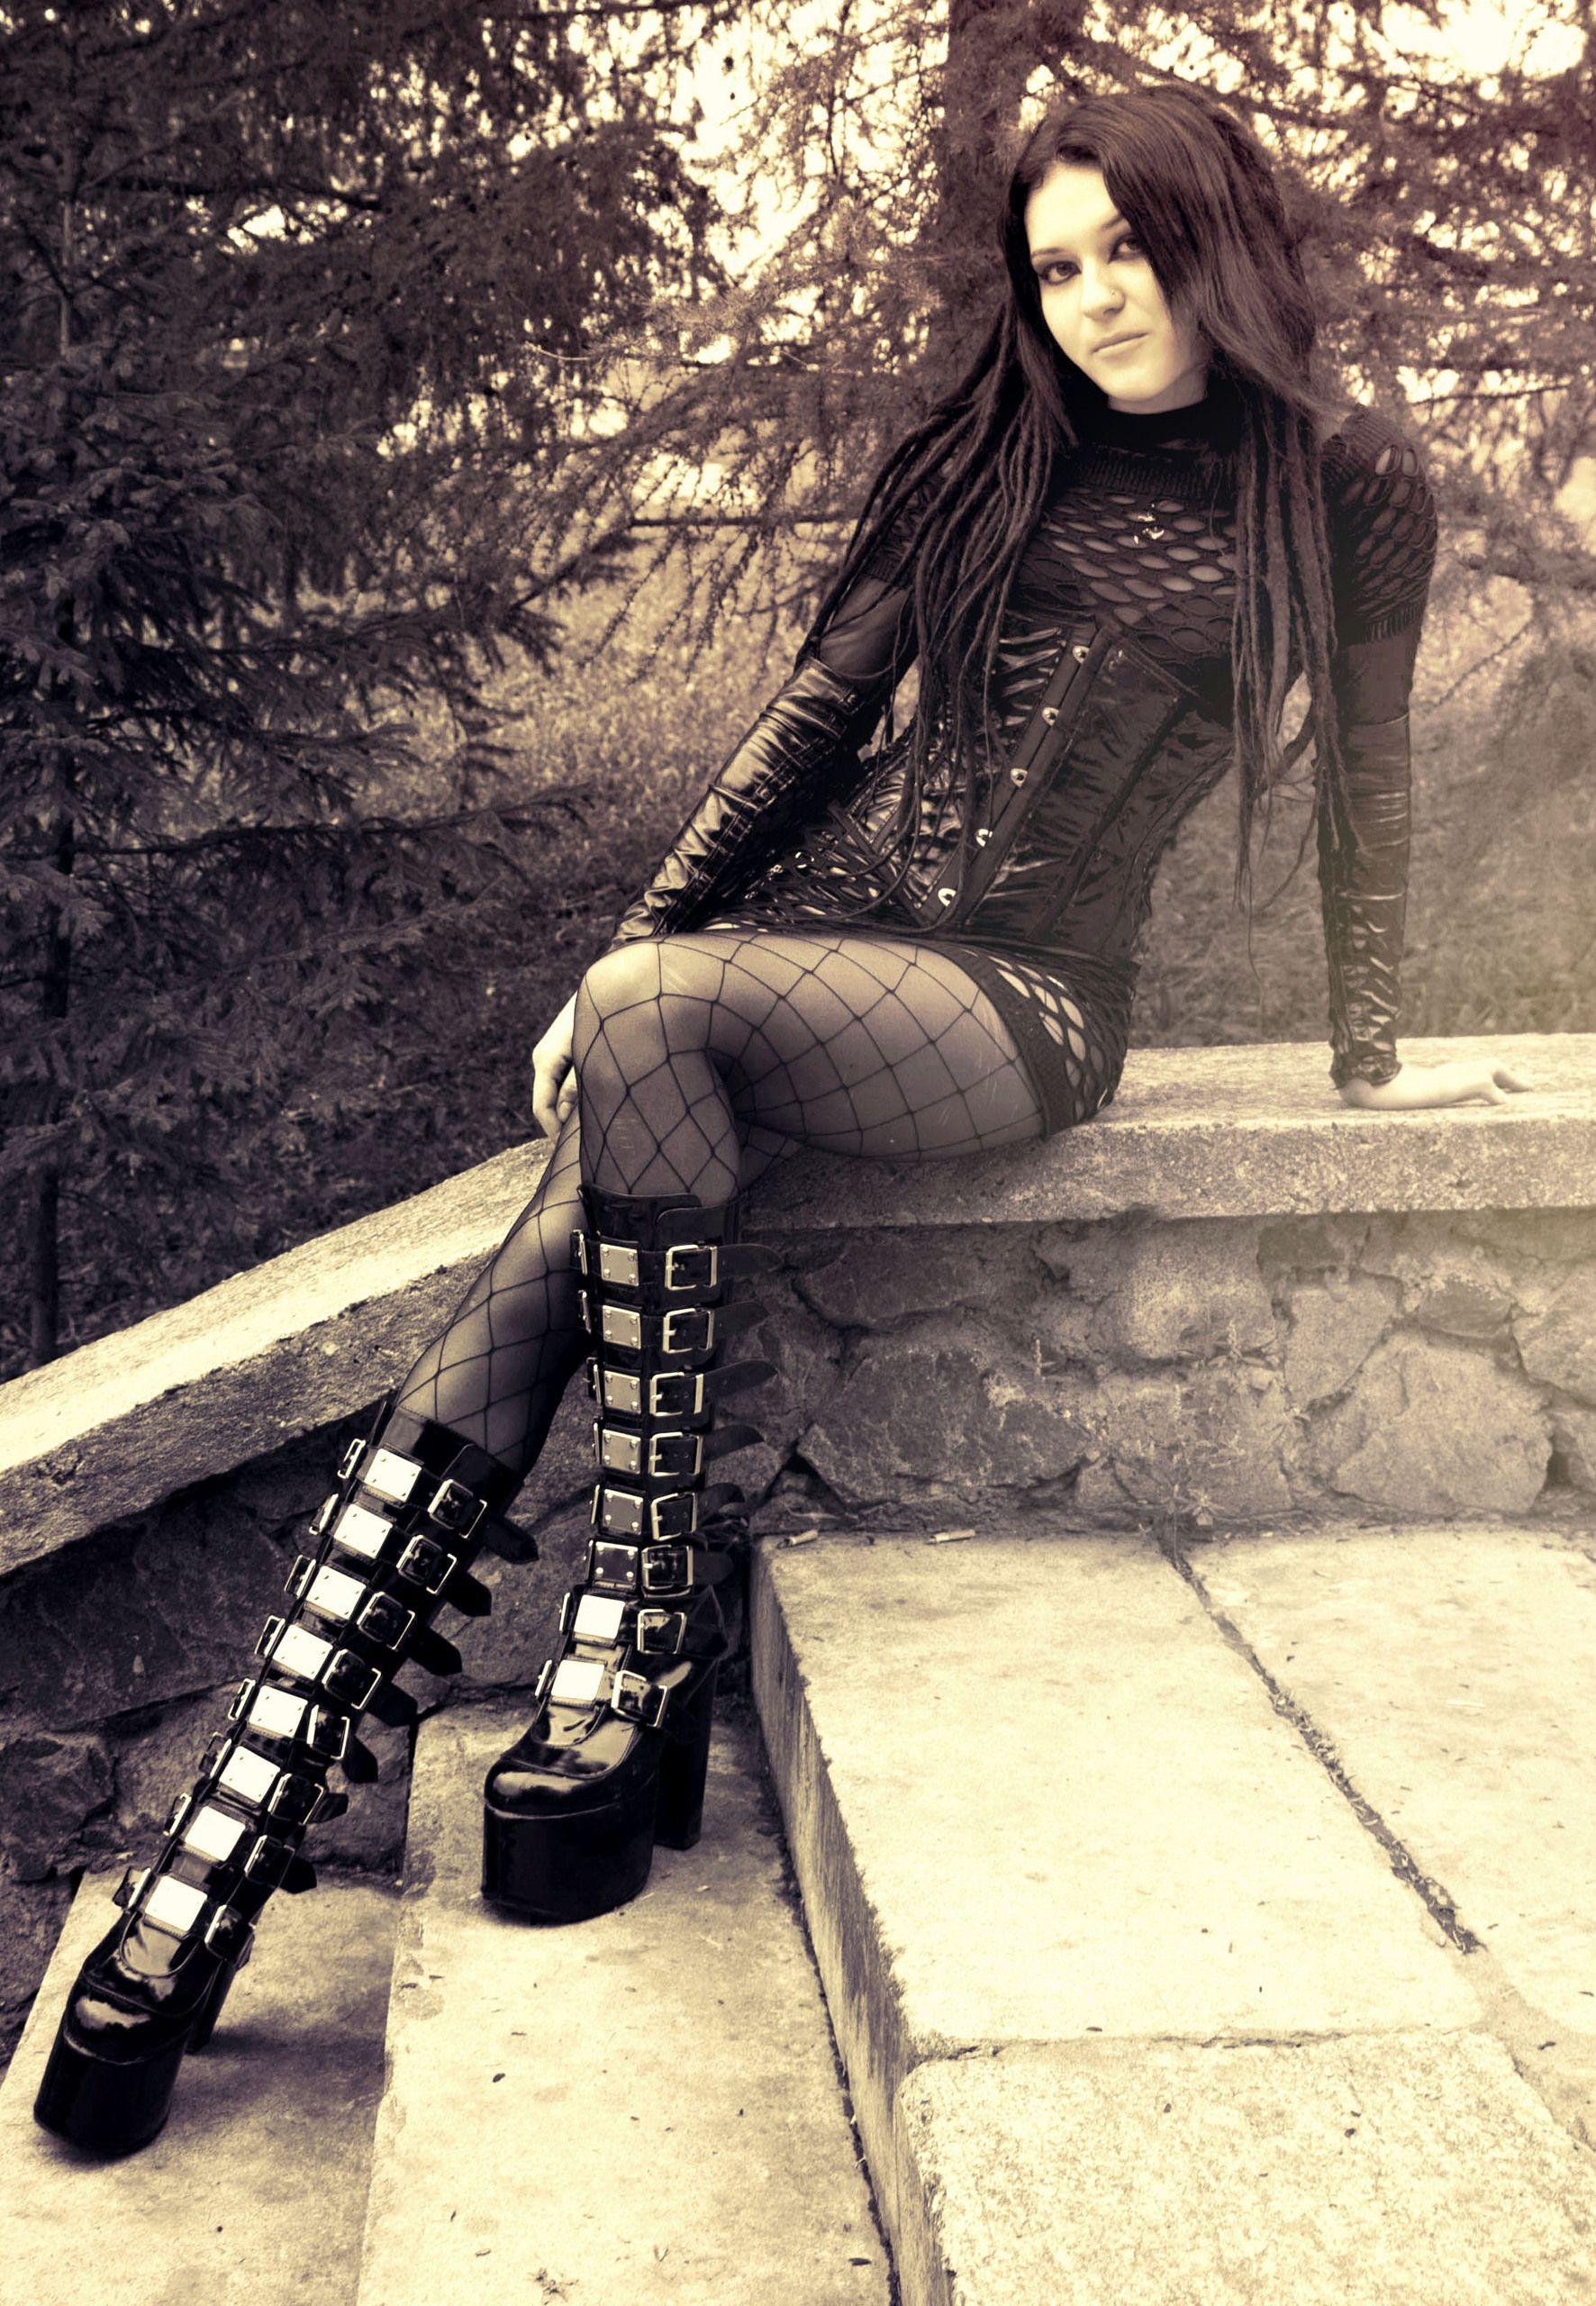 Beauty gothic art gothic chic cybergoth gothic girls goth style gothic